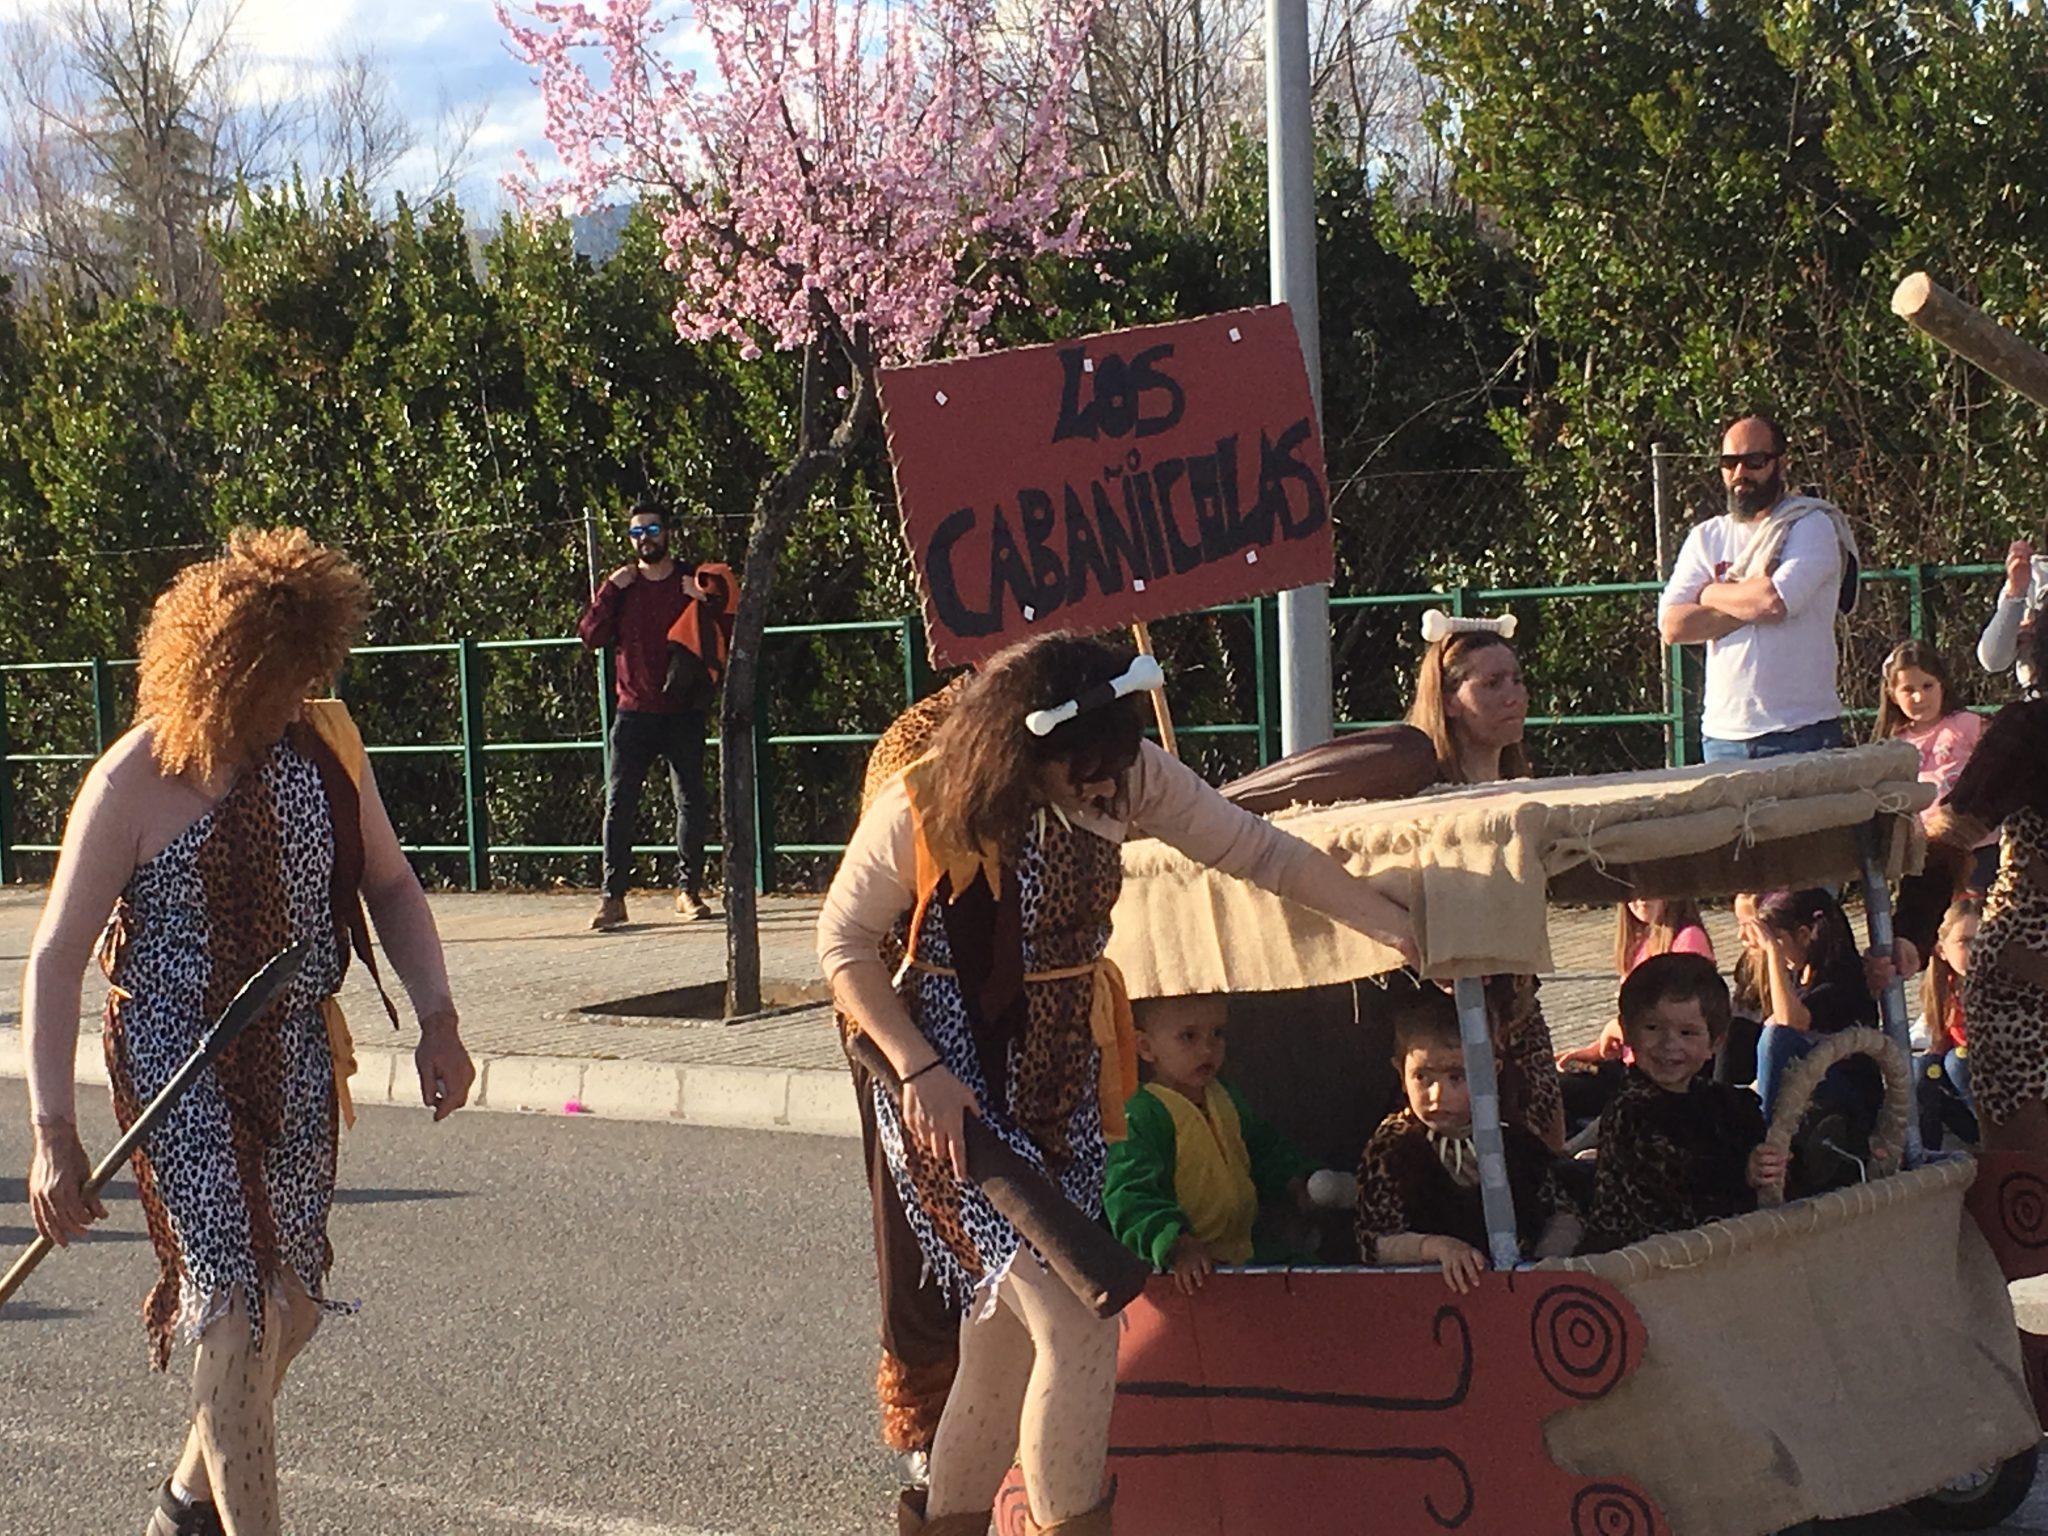 Desfile de Carnaval Cubillos del Sil 2019 - Álbum de fotos 6